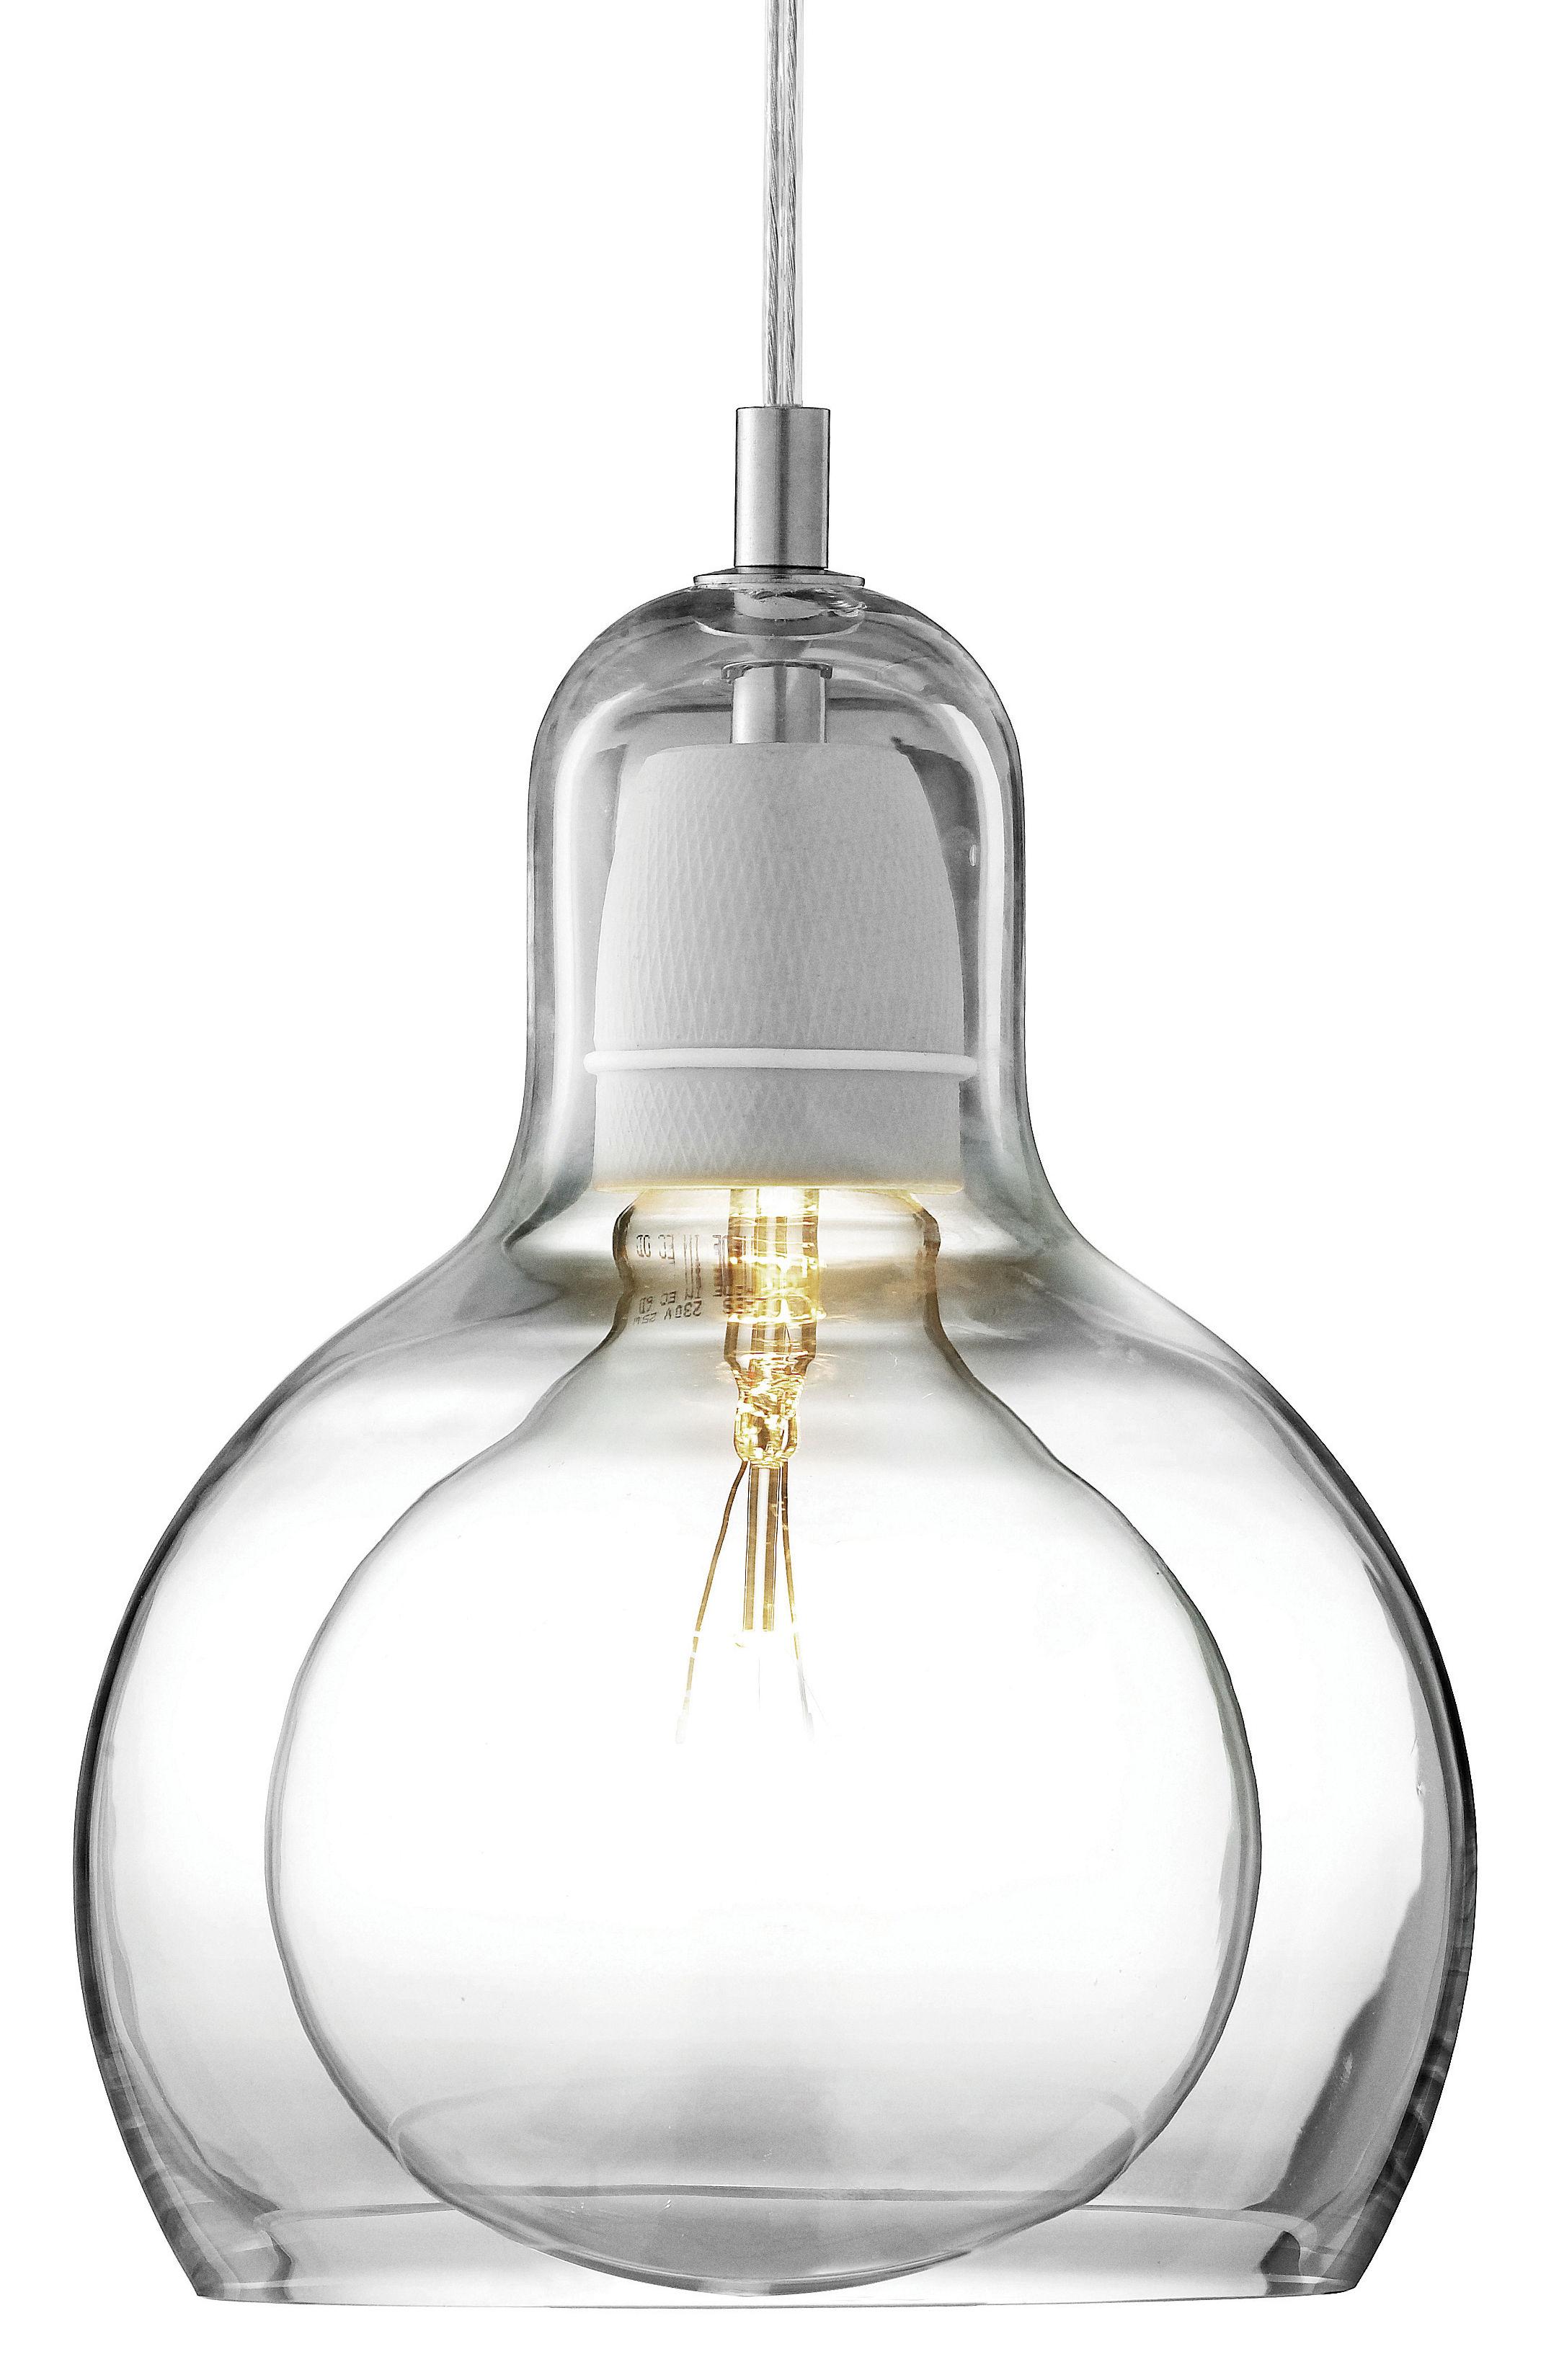 Luminaire - Suspensions - Suspension Mega Bulb / Ø 18 cm - Câble transparent - &tradition - Transparent / câble transparent - Verre soufflé bouche